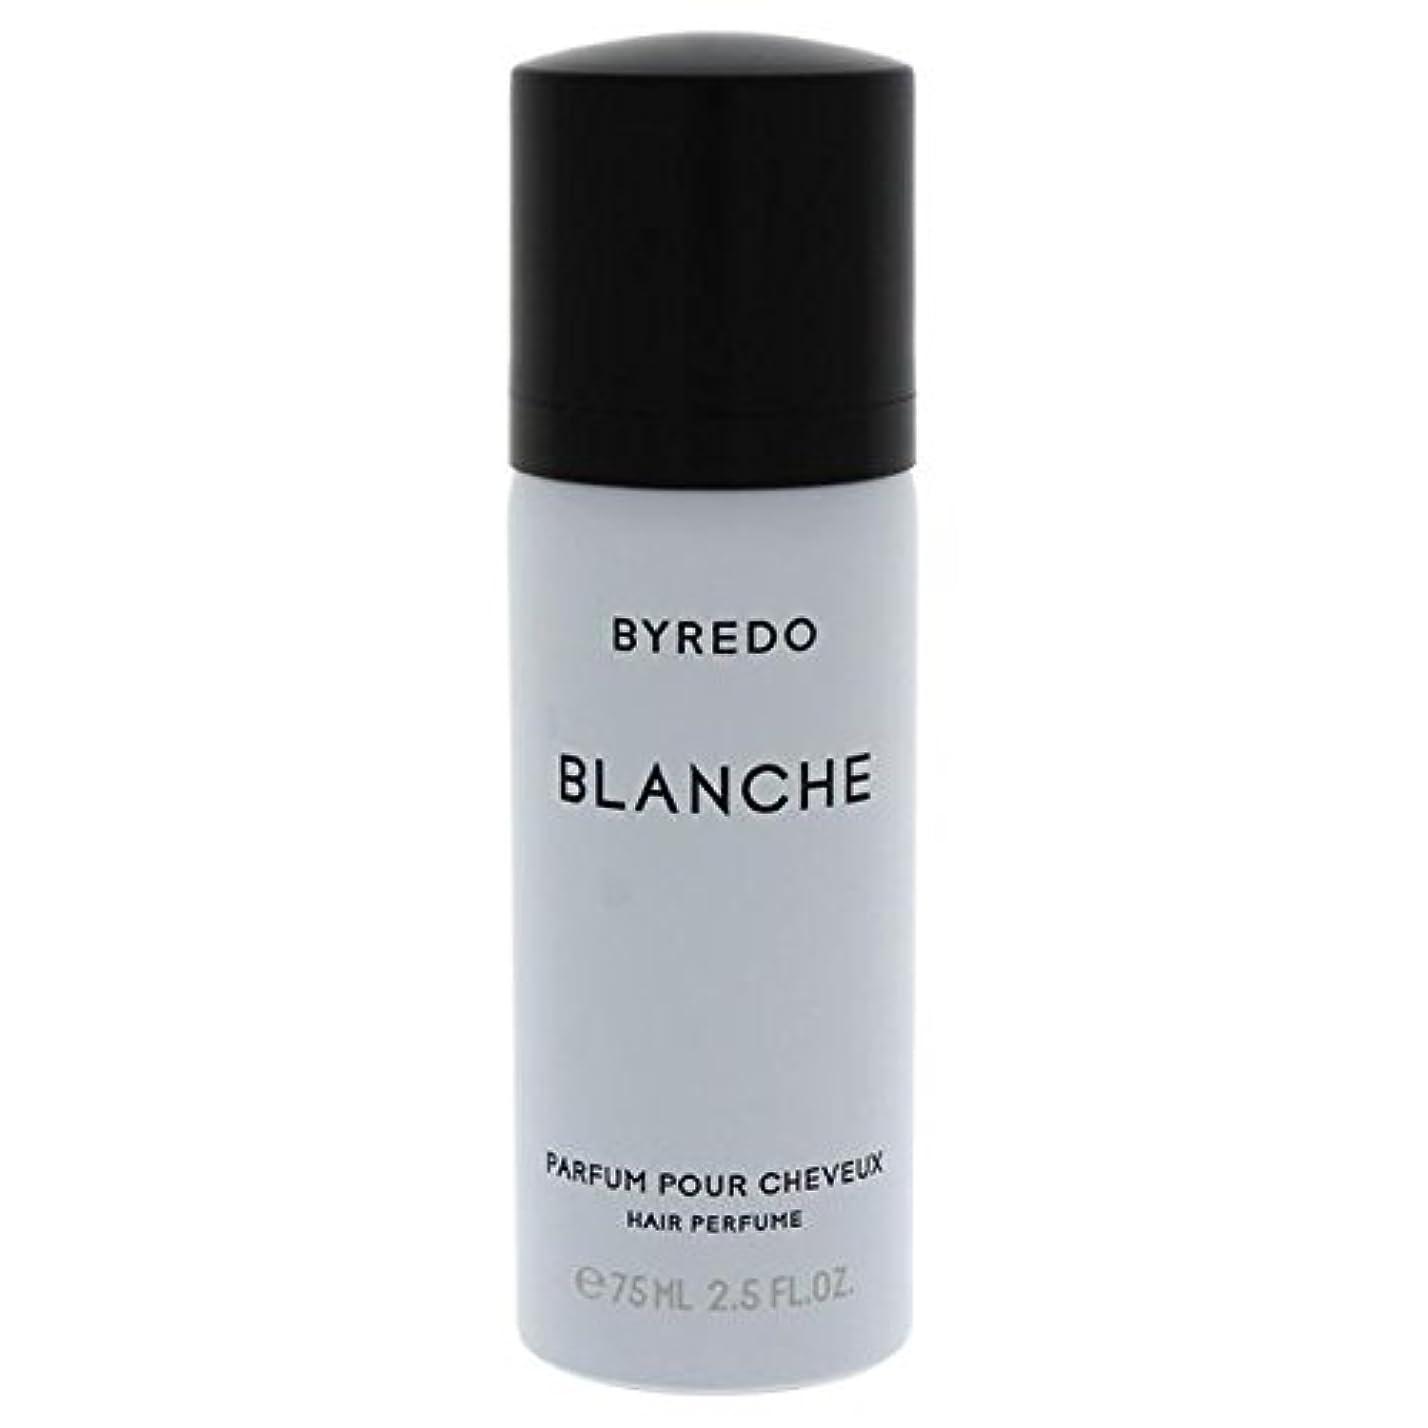 分注するトレード力バレード ブランシュ ヘアパフューム 75ml BYREDO BLANCHE HAIR PERFUME